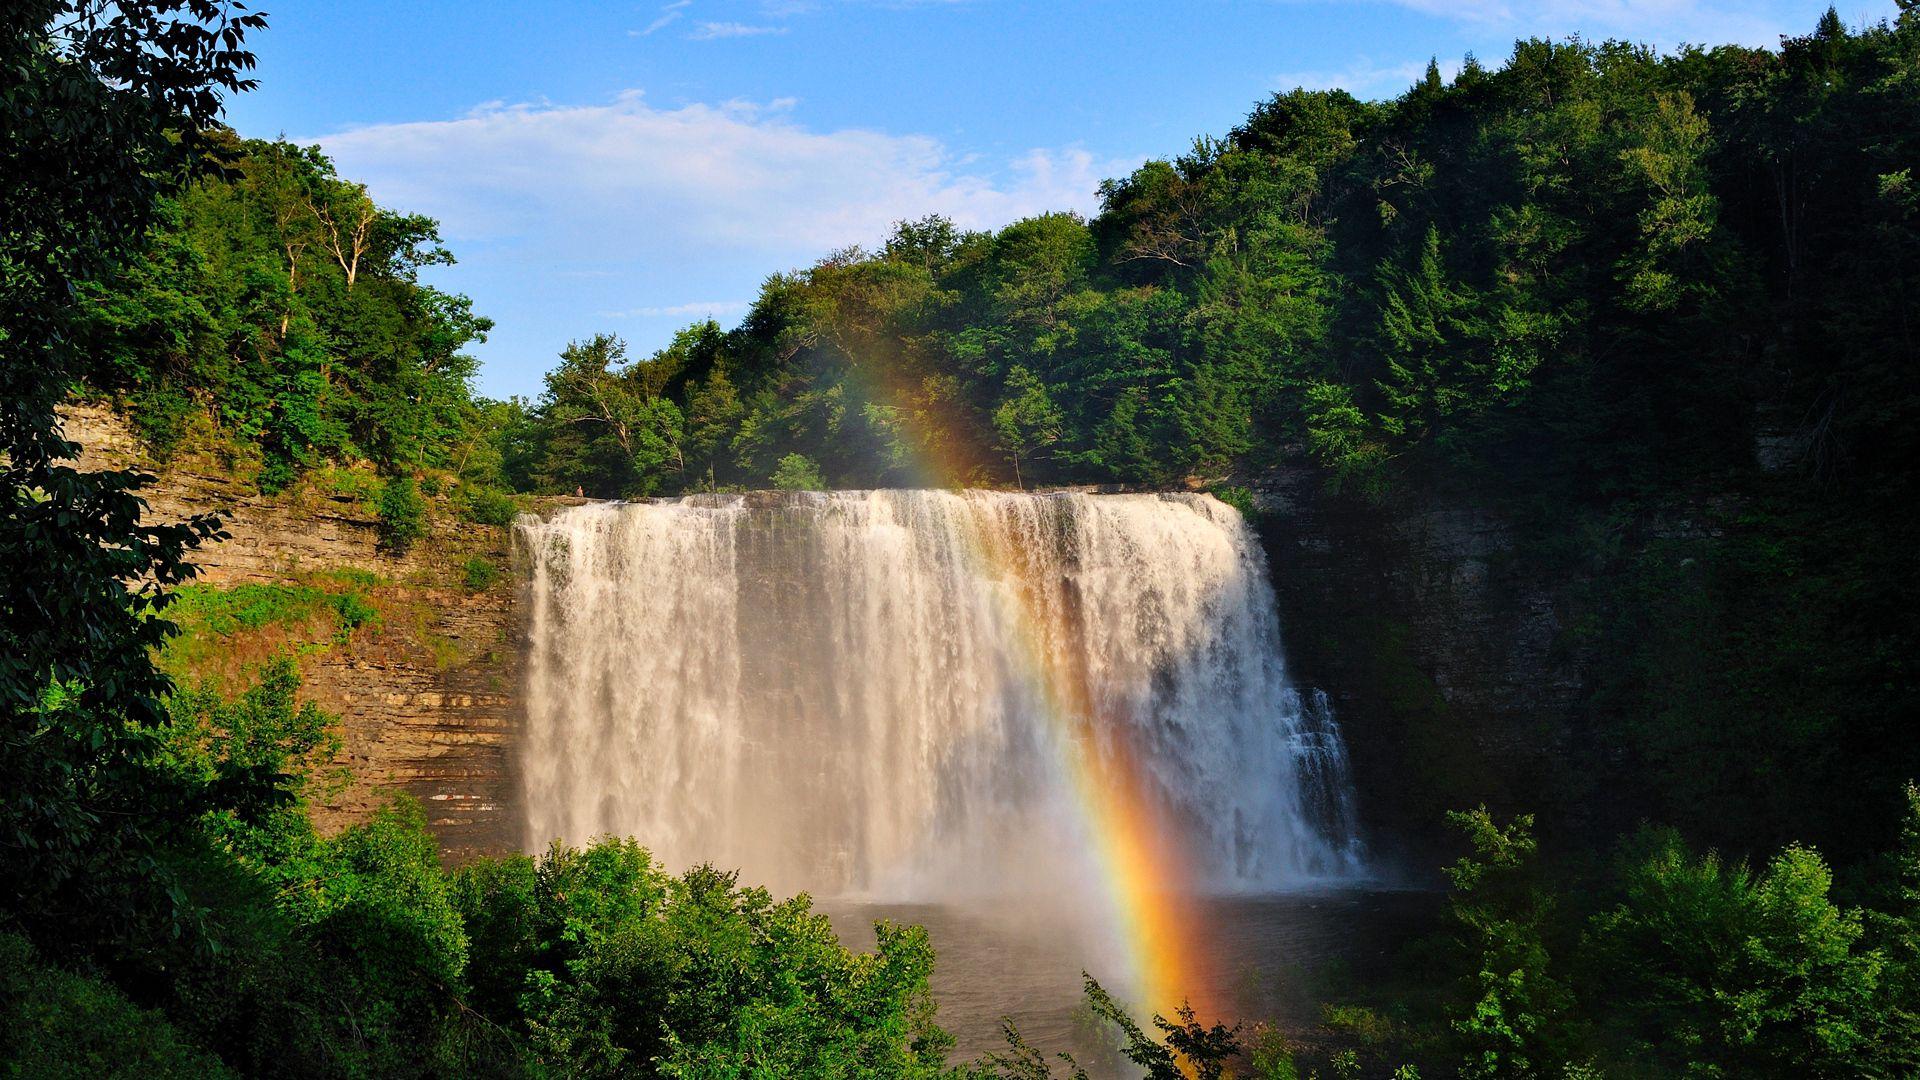 50715 скачать обои Природа, Радуга, Деревья, Водопад - заставки и картинки бесплатно